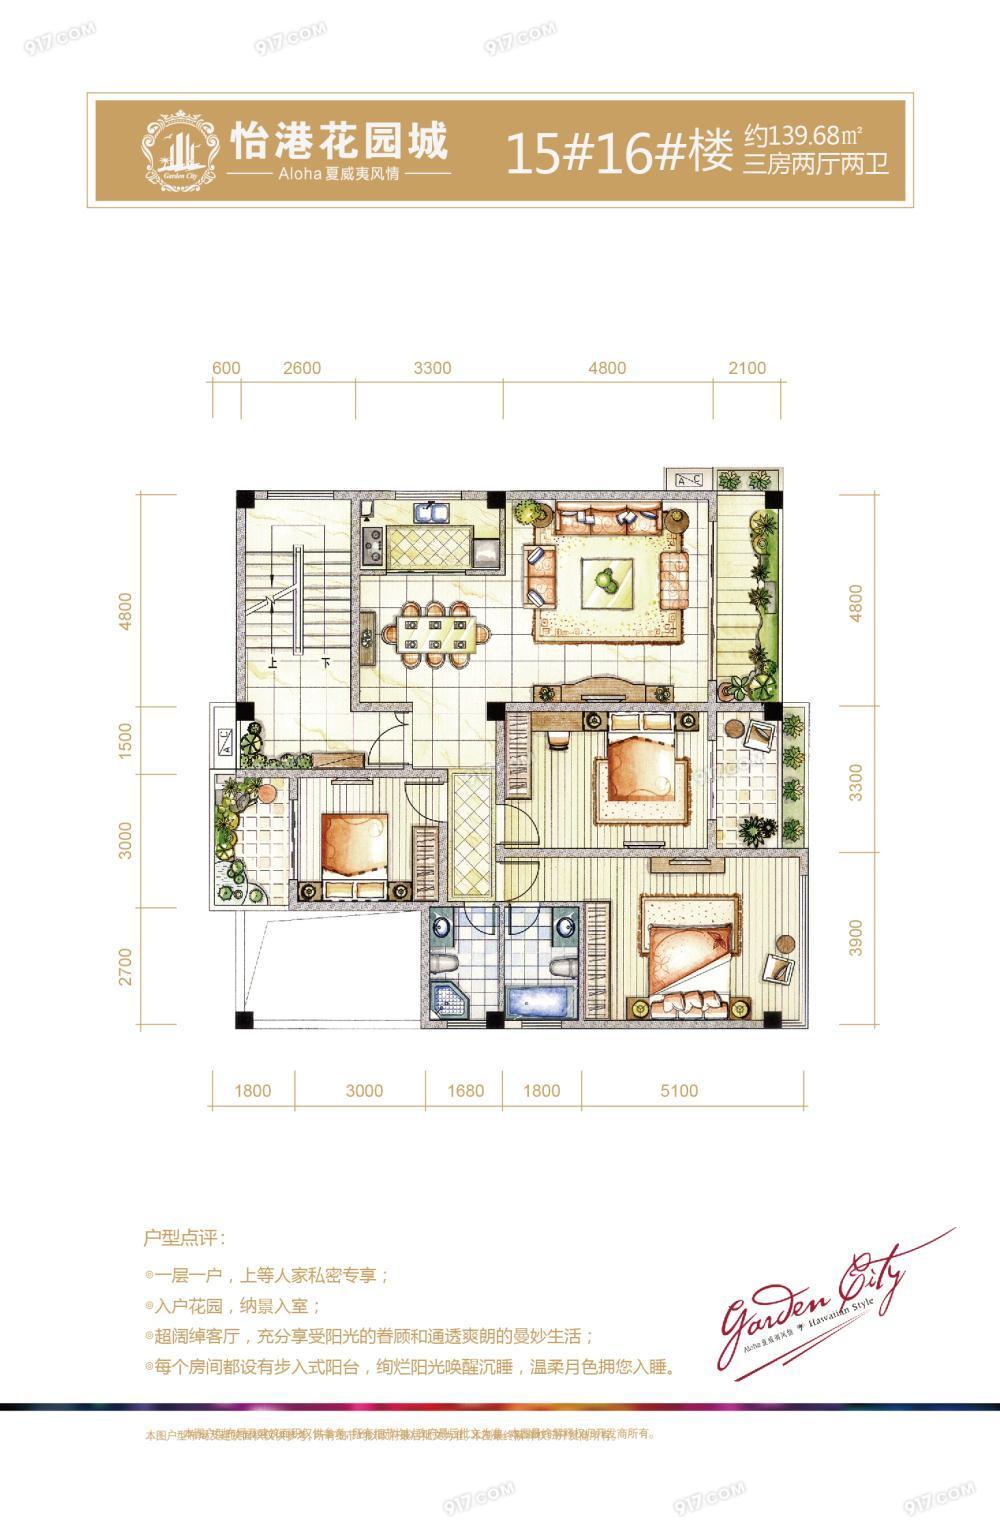 15#16#楼 3房2厅2卫 139平